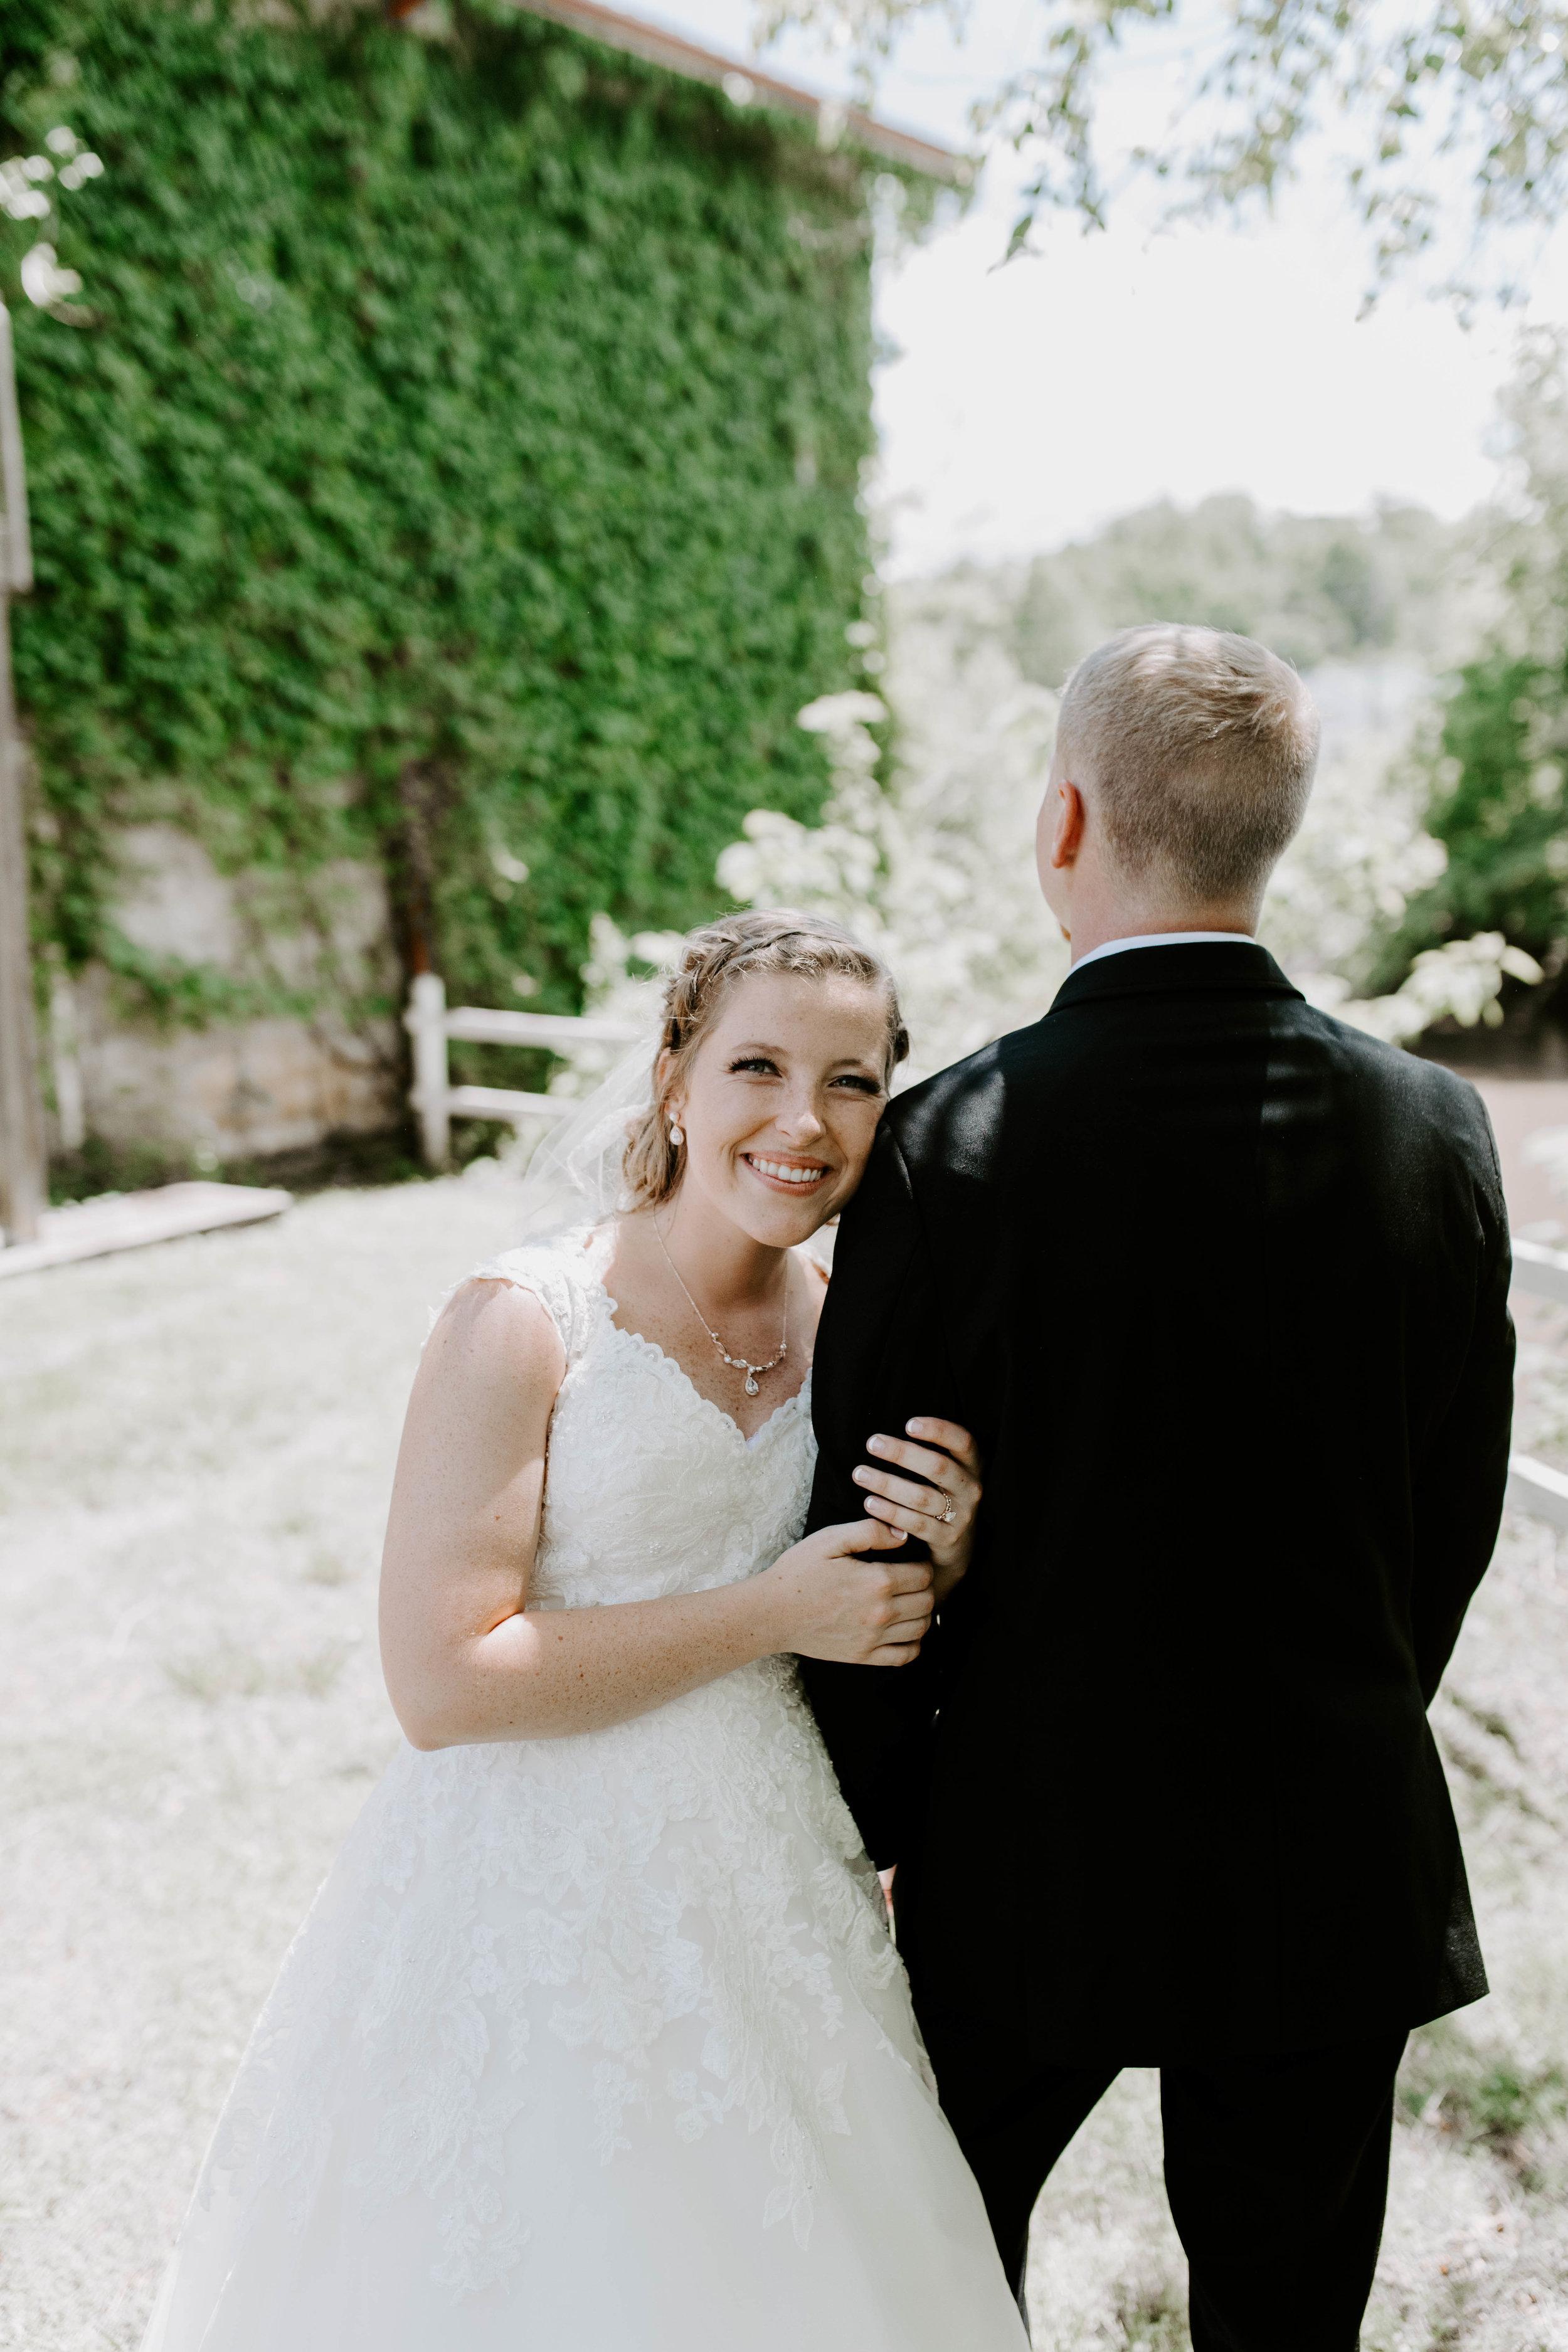 roberts bride & groom-86.jpg